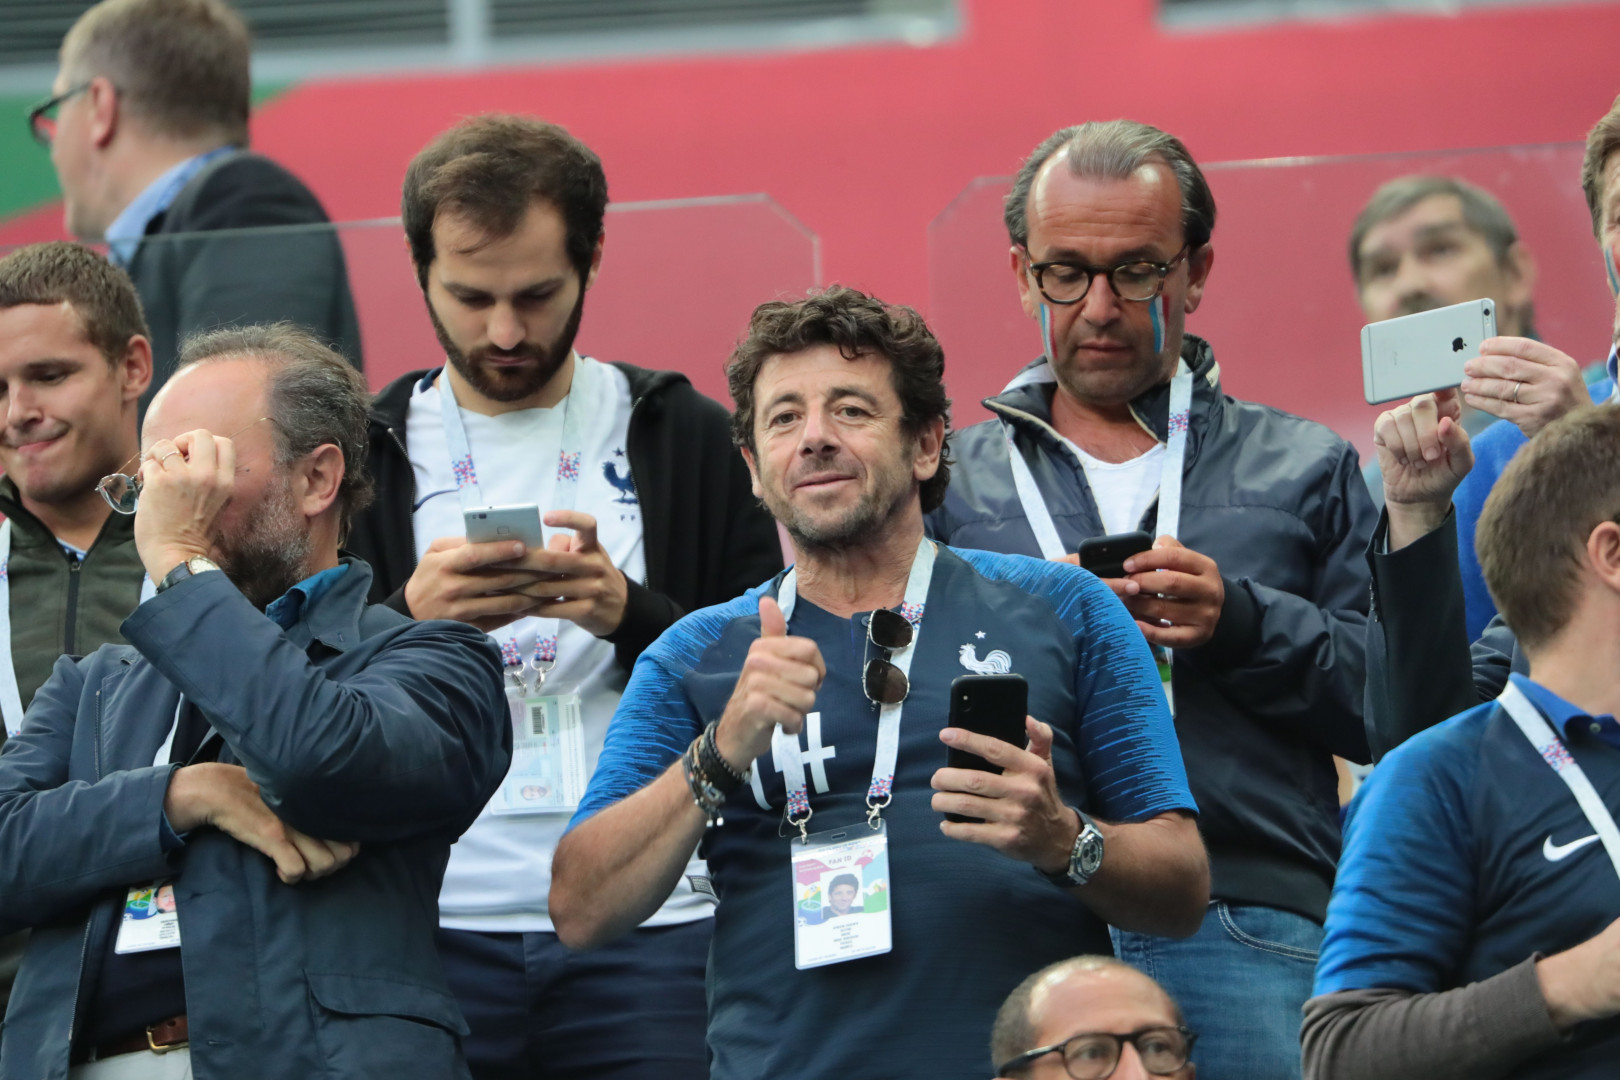 Patrick Bruel aux couleurs des Bleus mardi 10 juillet 2018 à Saint-Petersbourg pour la victoire des Bleus face à la Belgique